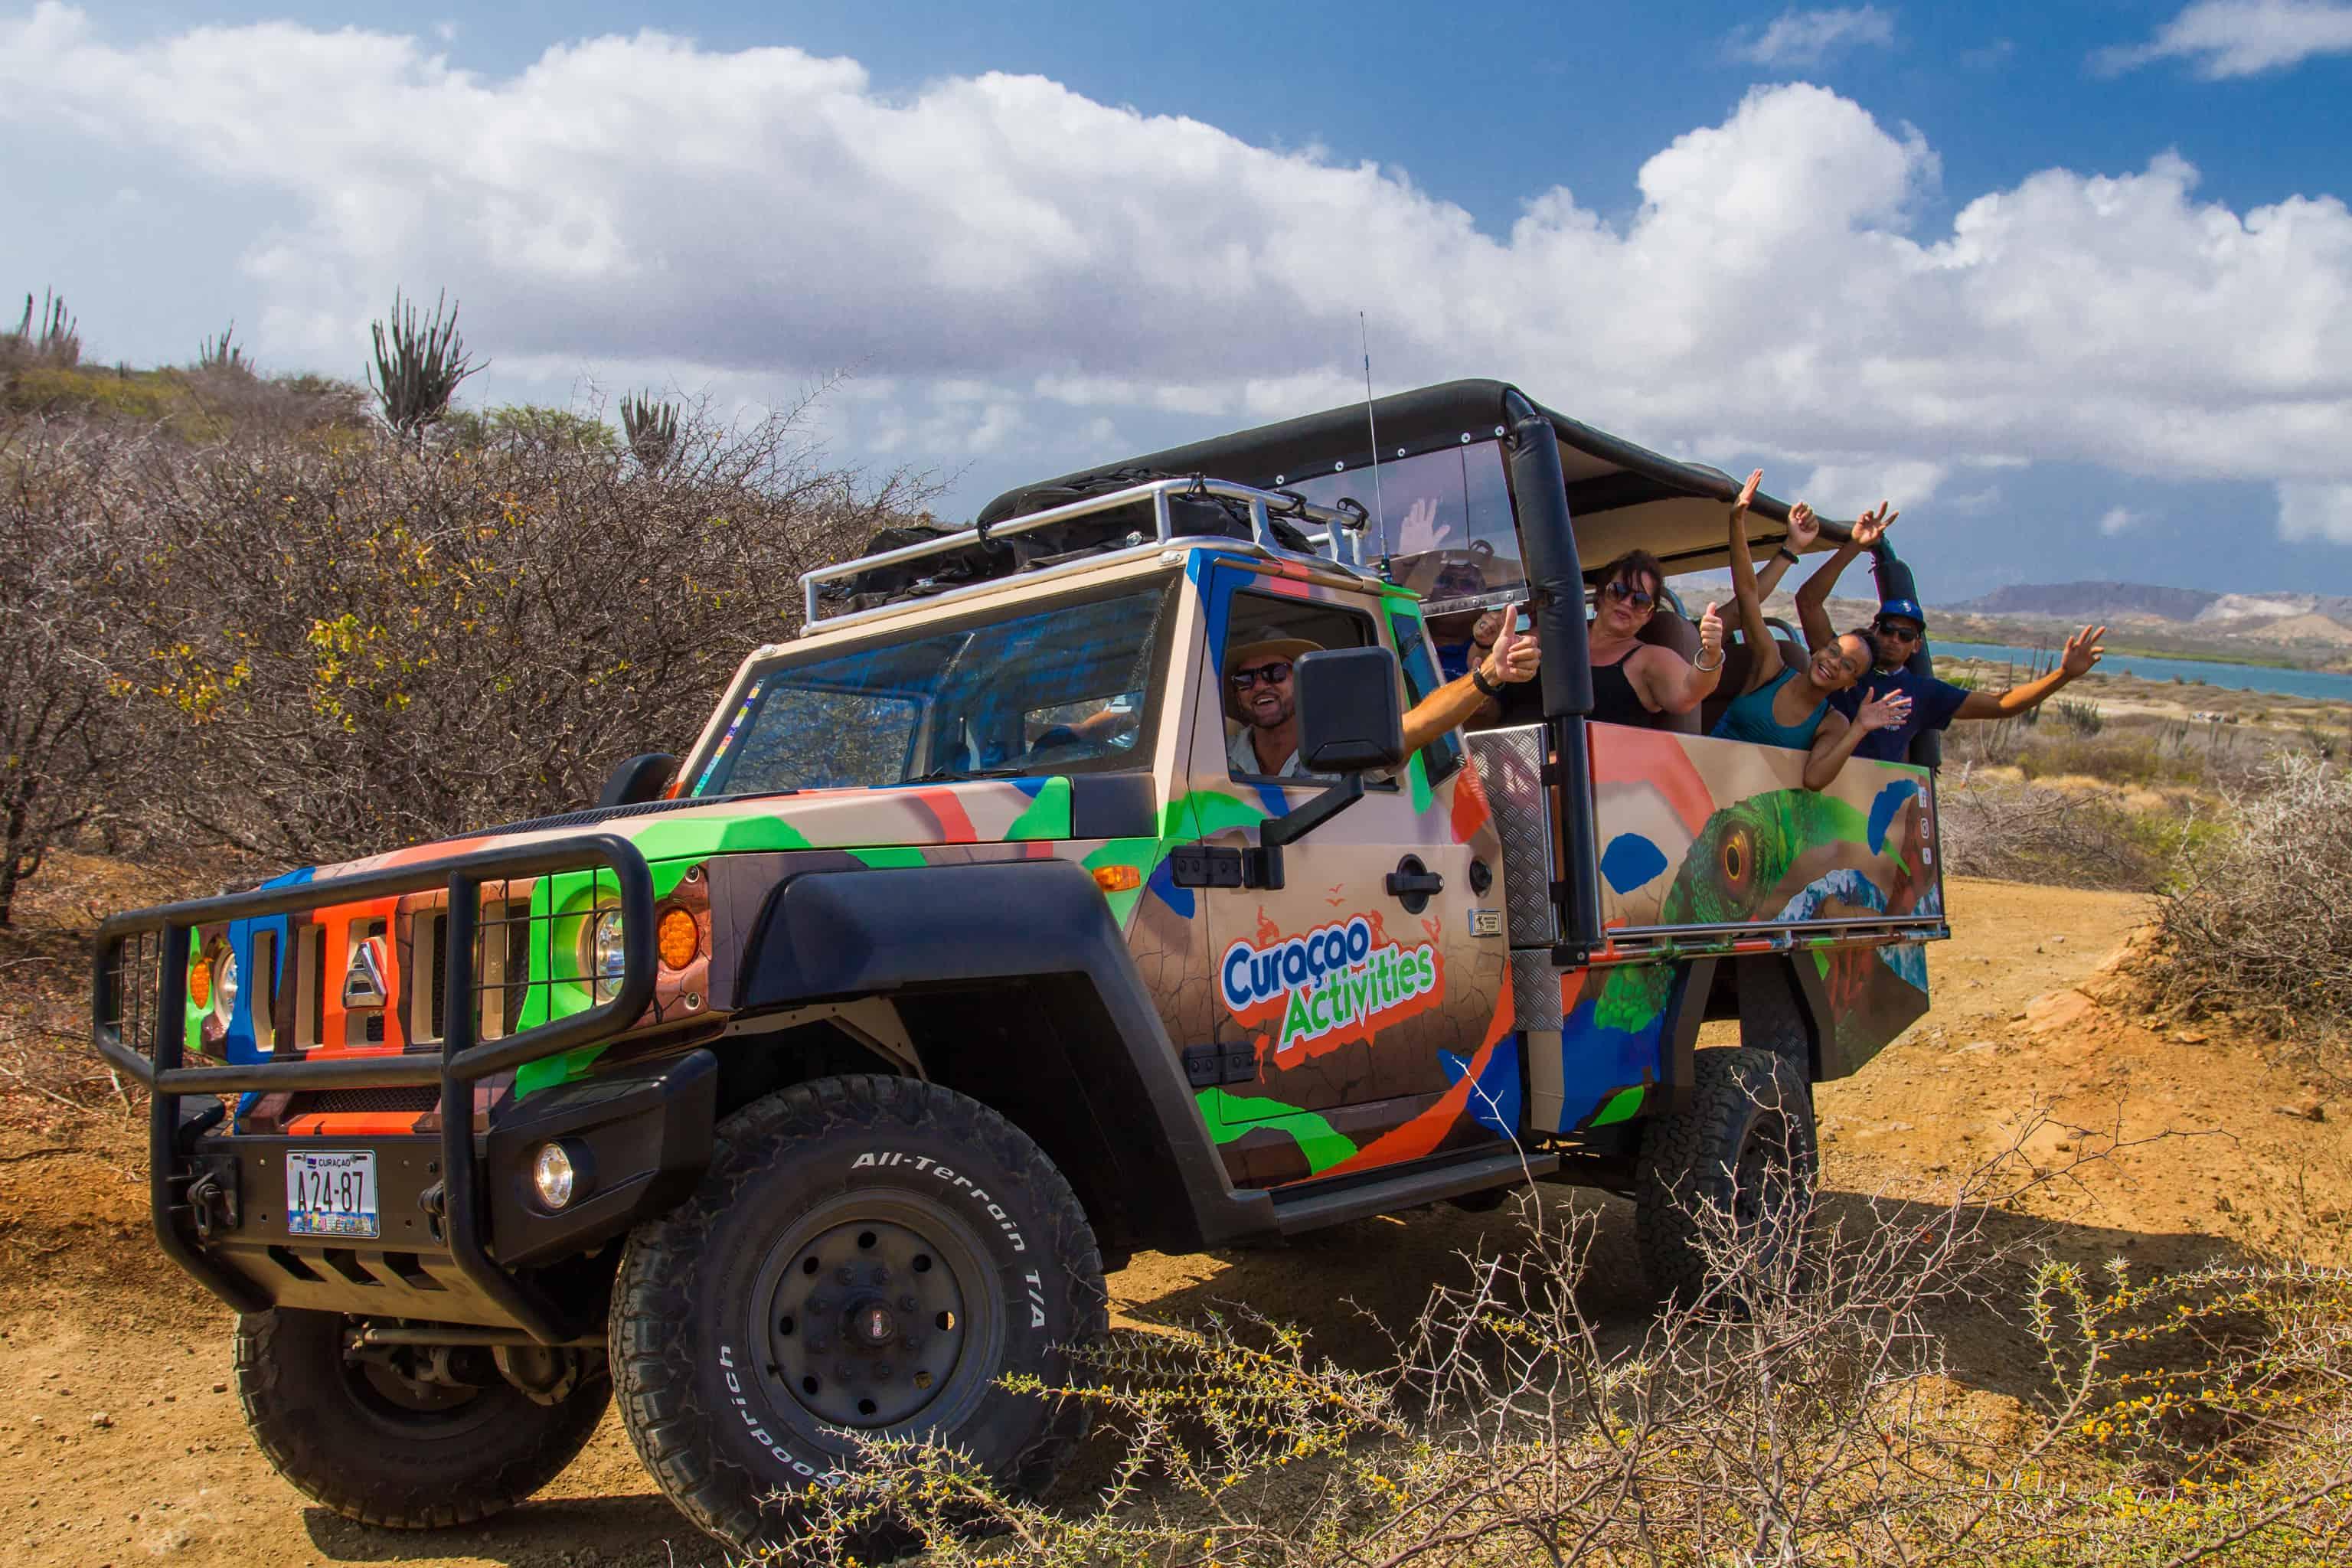 Jeep Safari Curacao East Tour 2